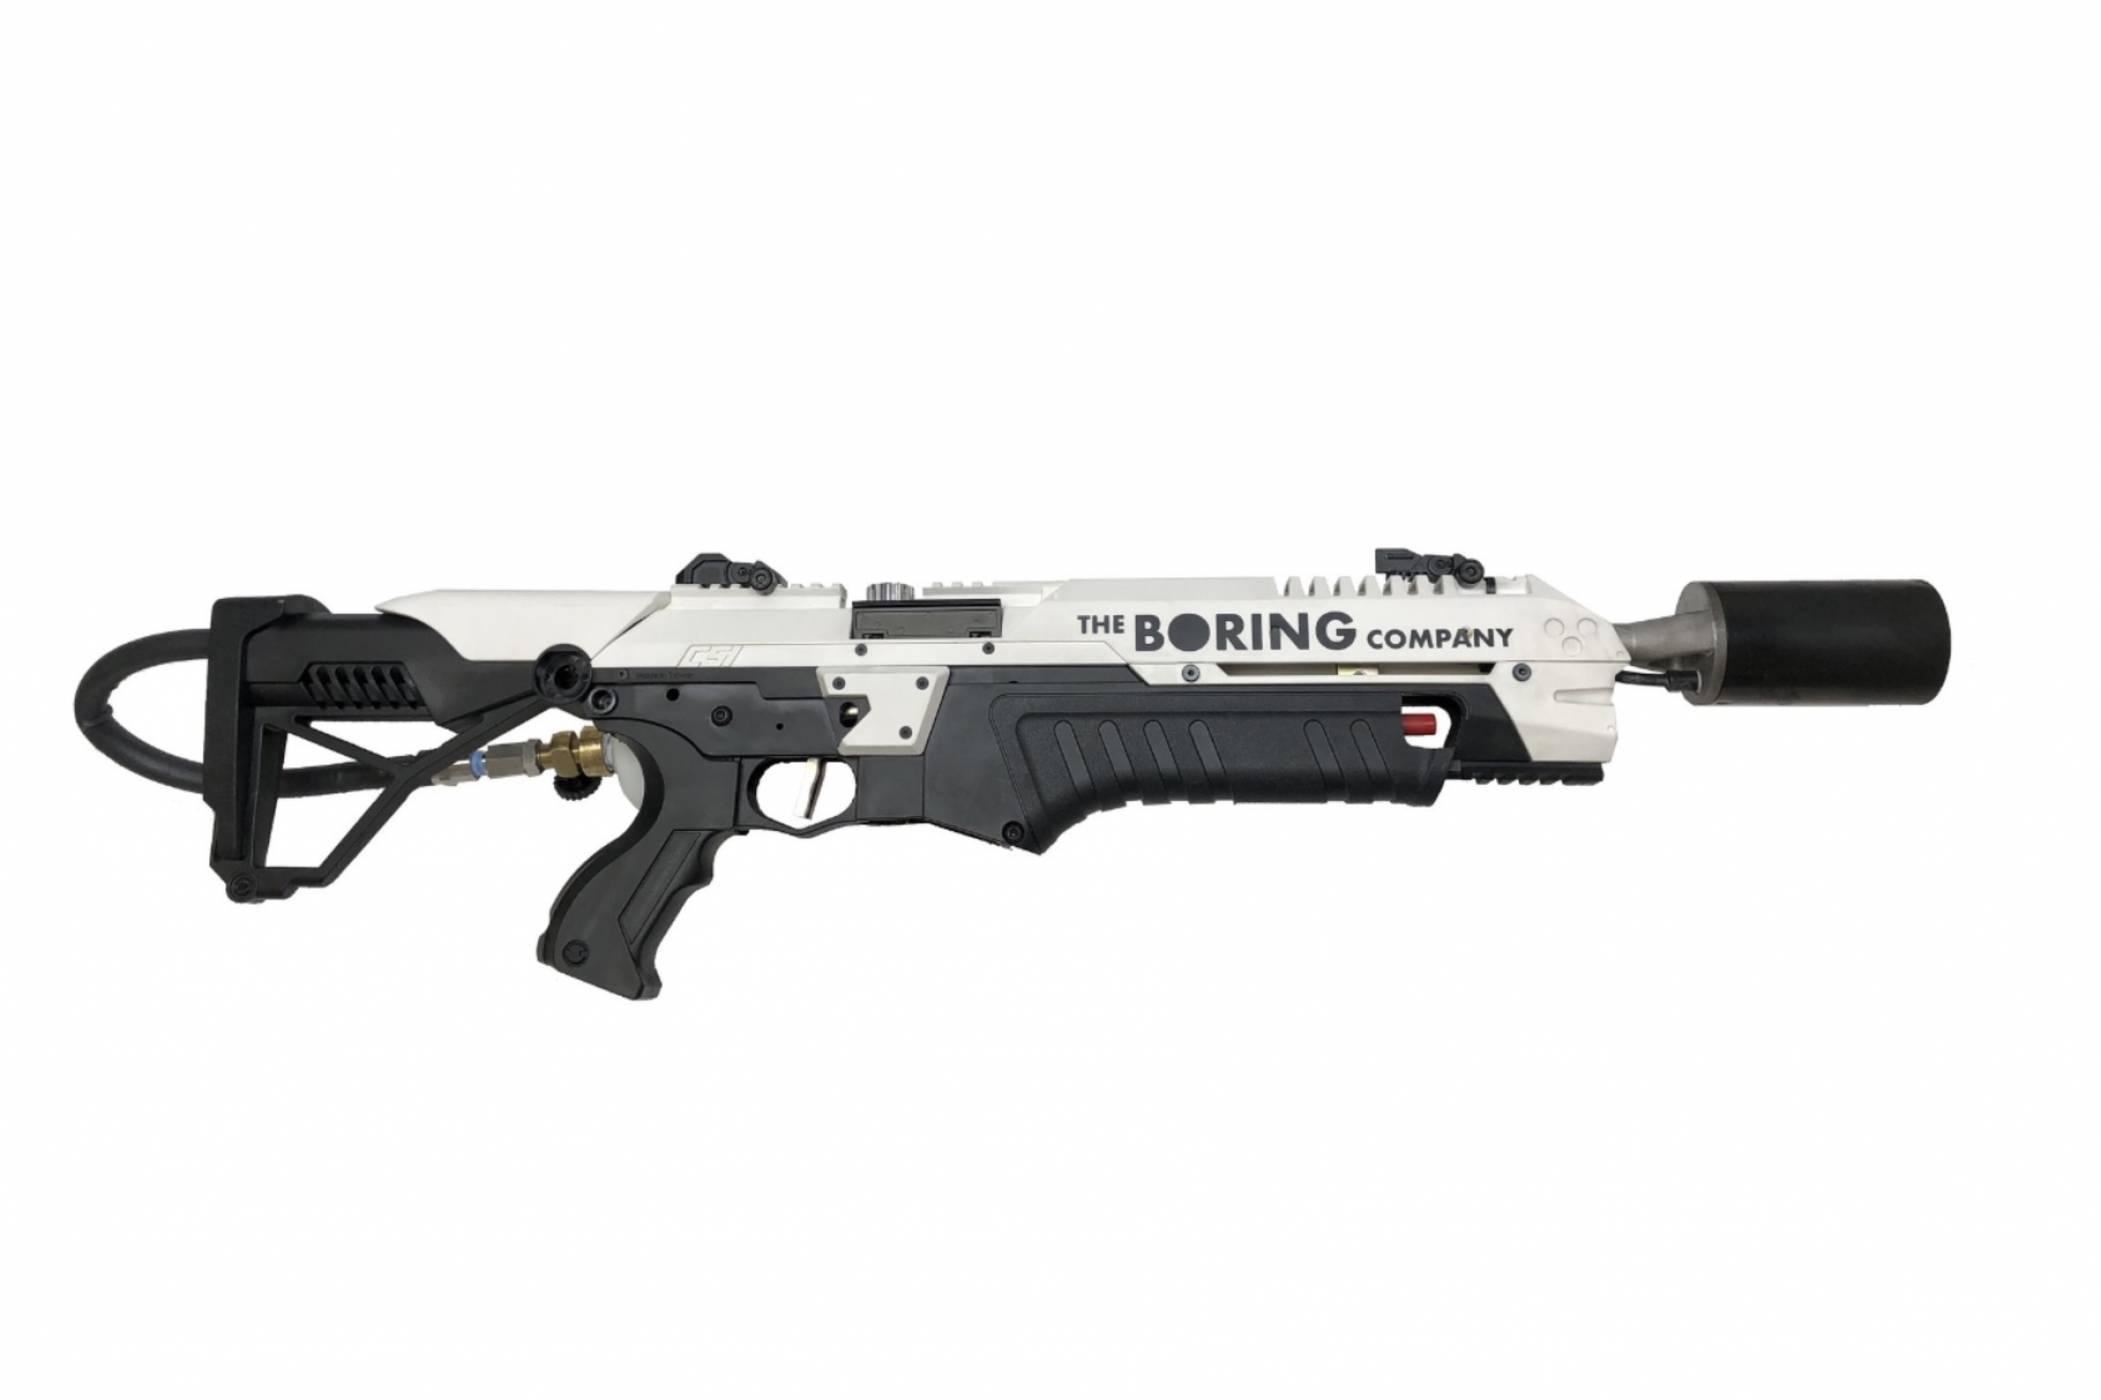 Това е огнехвъргачка на The Boring Company на Мъск